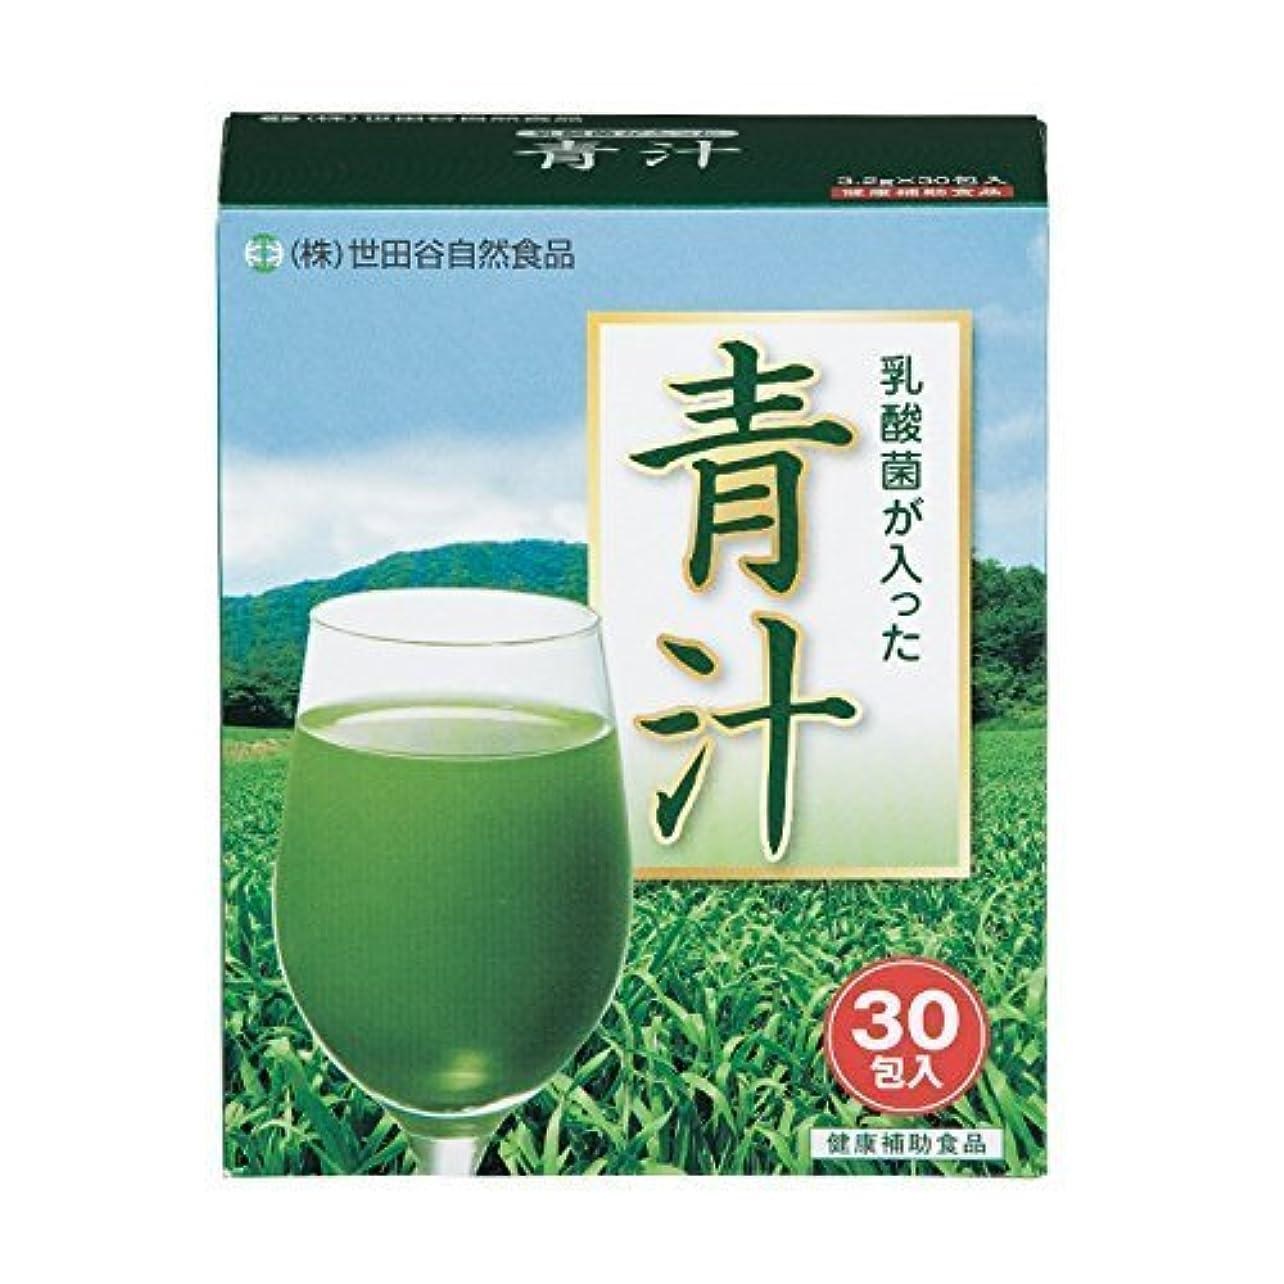 ヘルパー警告するどこ世田谷自然食品 乳酸菌が入った青汁(30包入) 1個